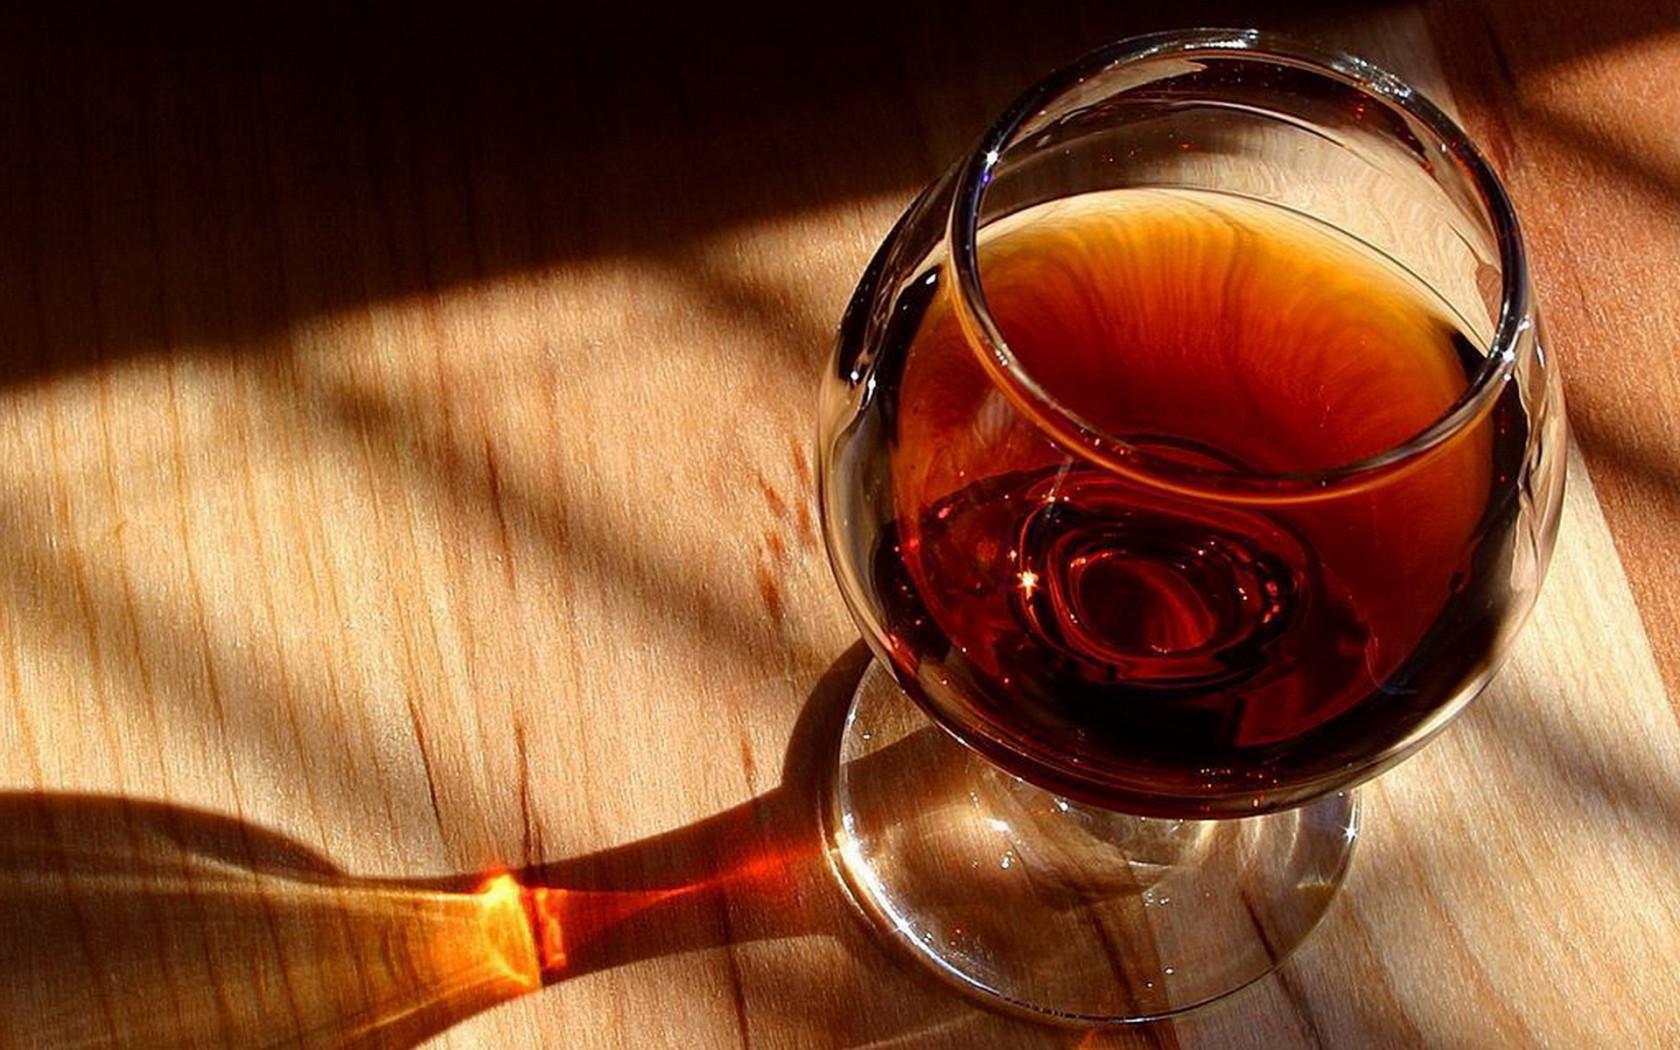 Домашний коньяк из водки: рецепты и способы приготовления 62